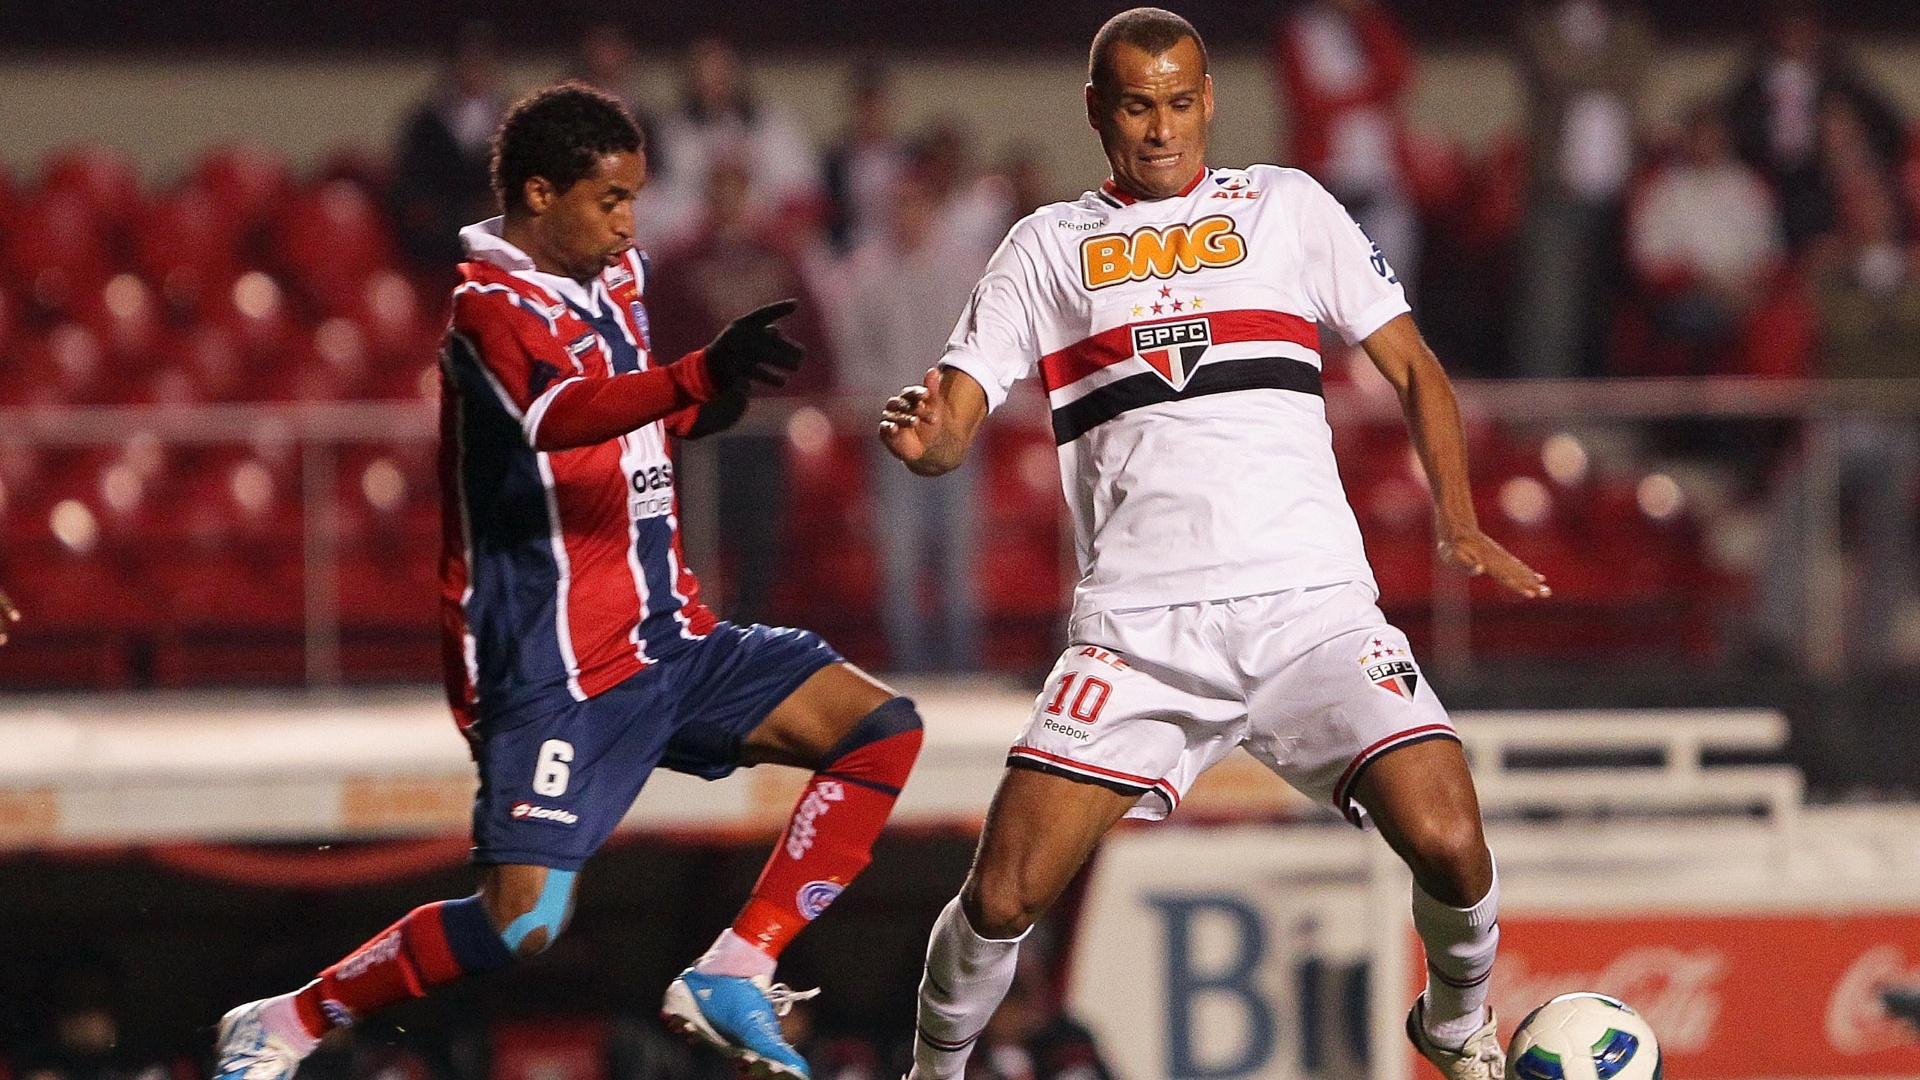 São-paulino Rivaldo é marcado de perto no duelo contra o Bahia, no Morumbi, pela 14ª rodada do Brasileirão